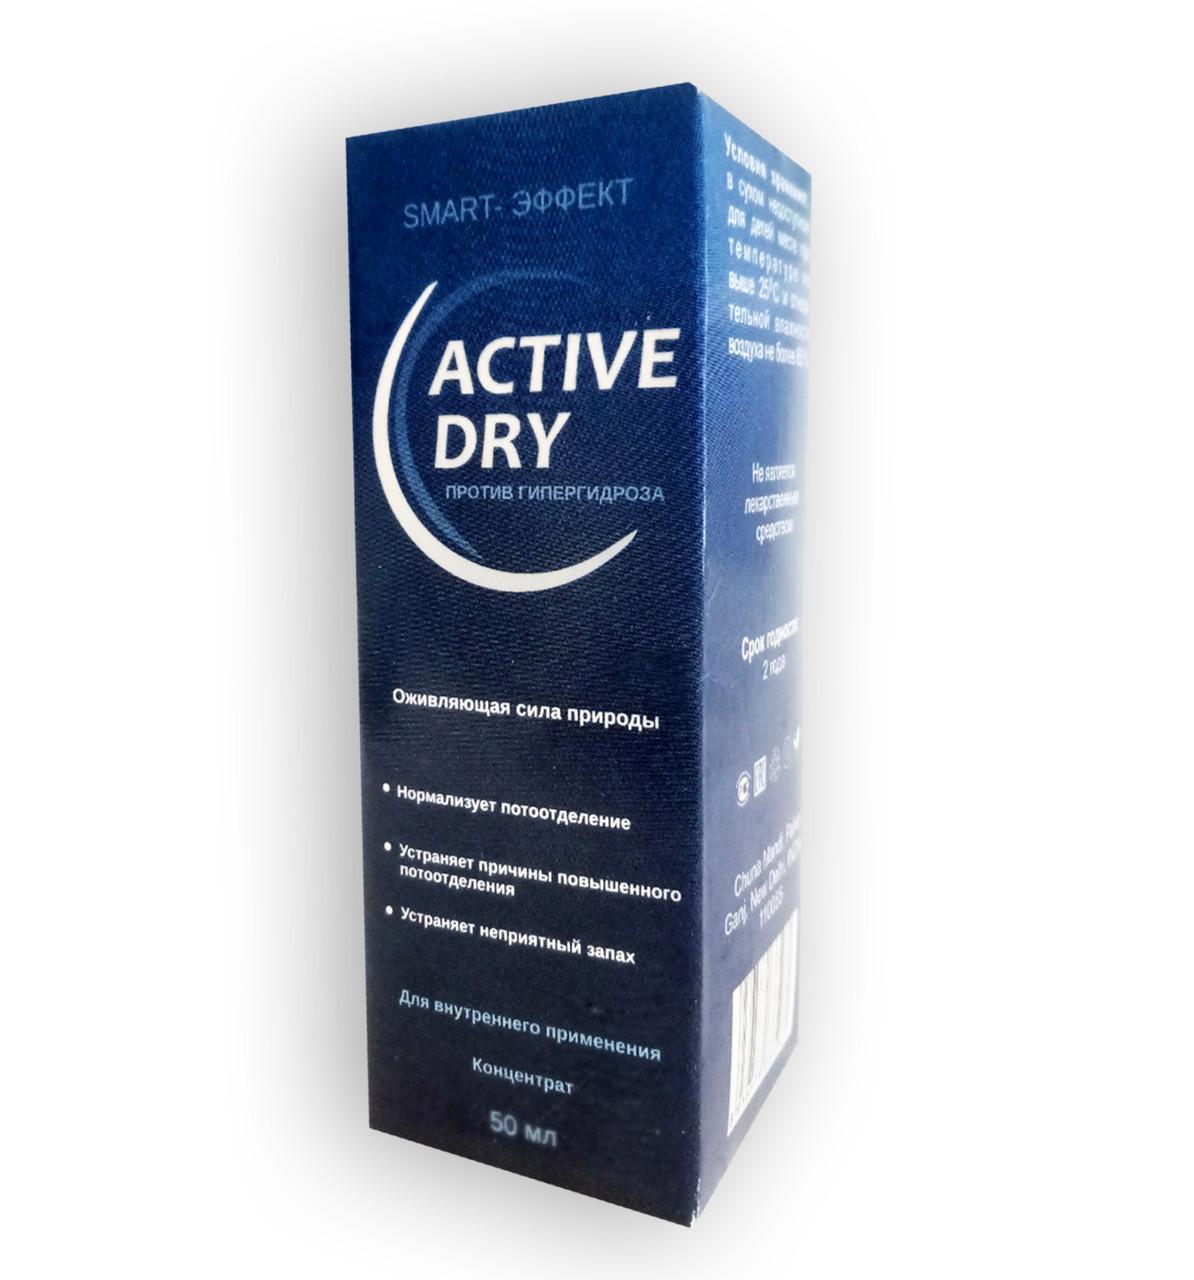 Active dry – Концентрат против гипергидроза (потливости) (Актив Драй), Нормализует потоотделение